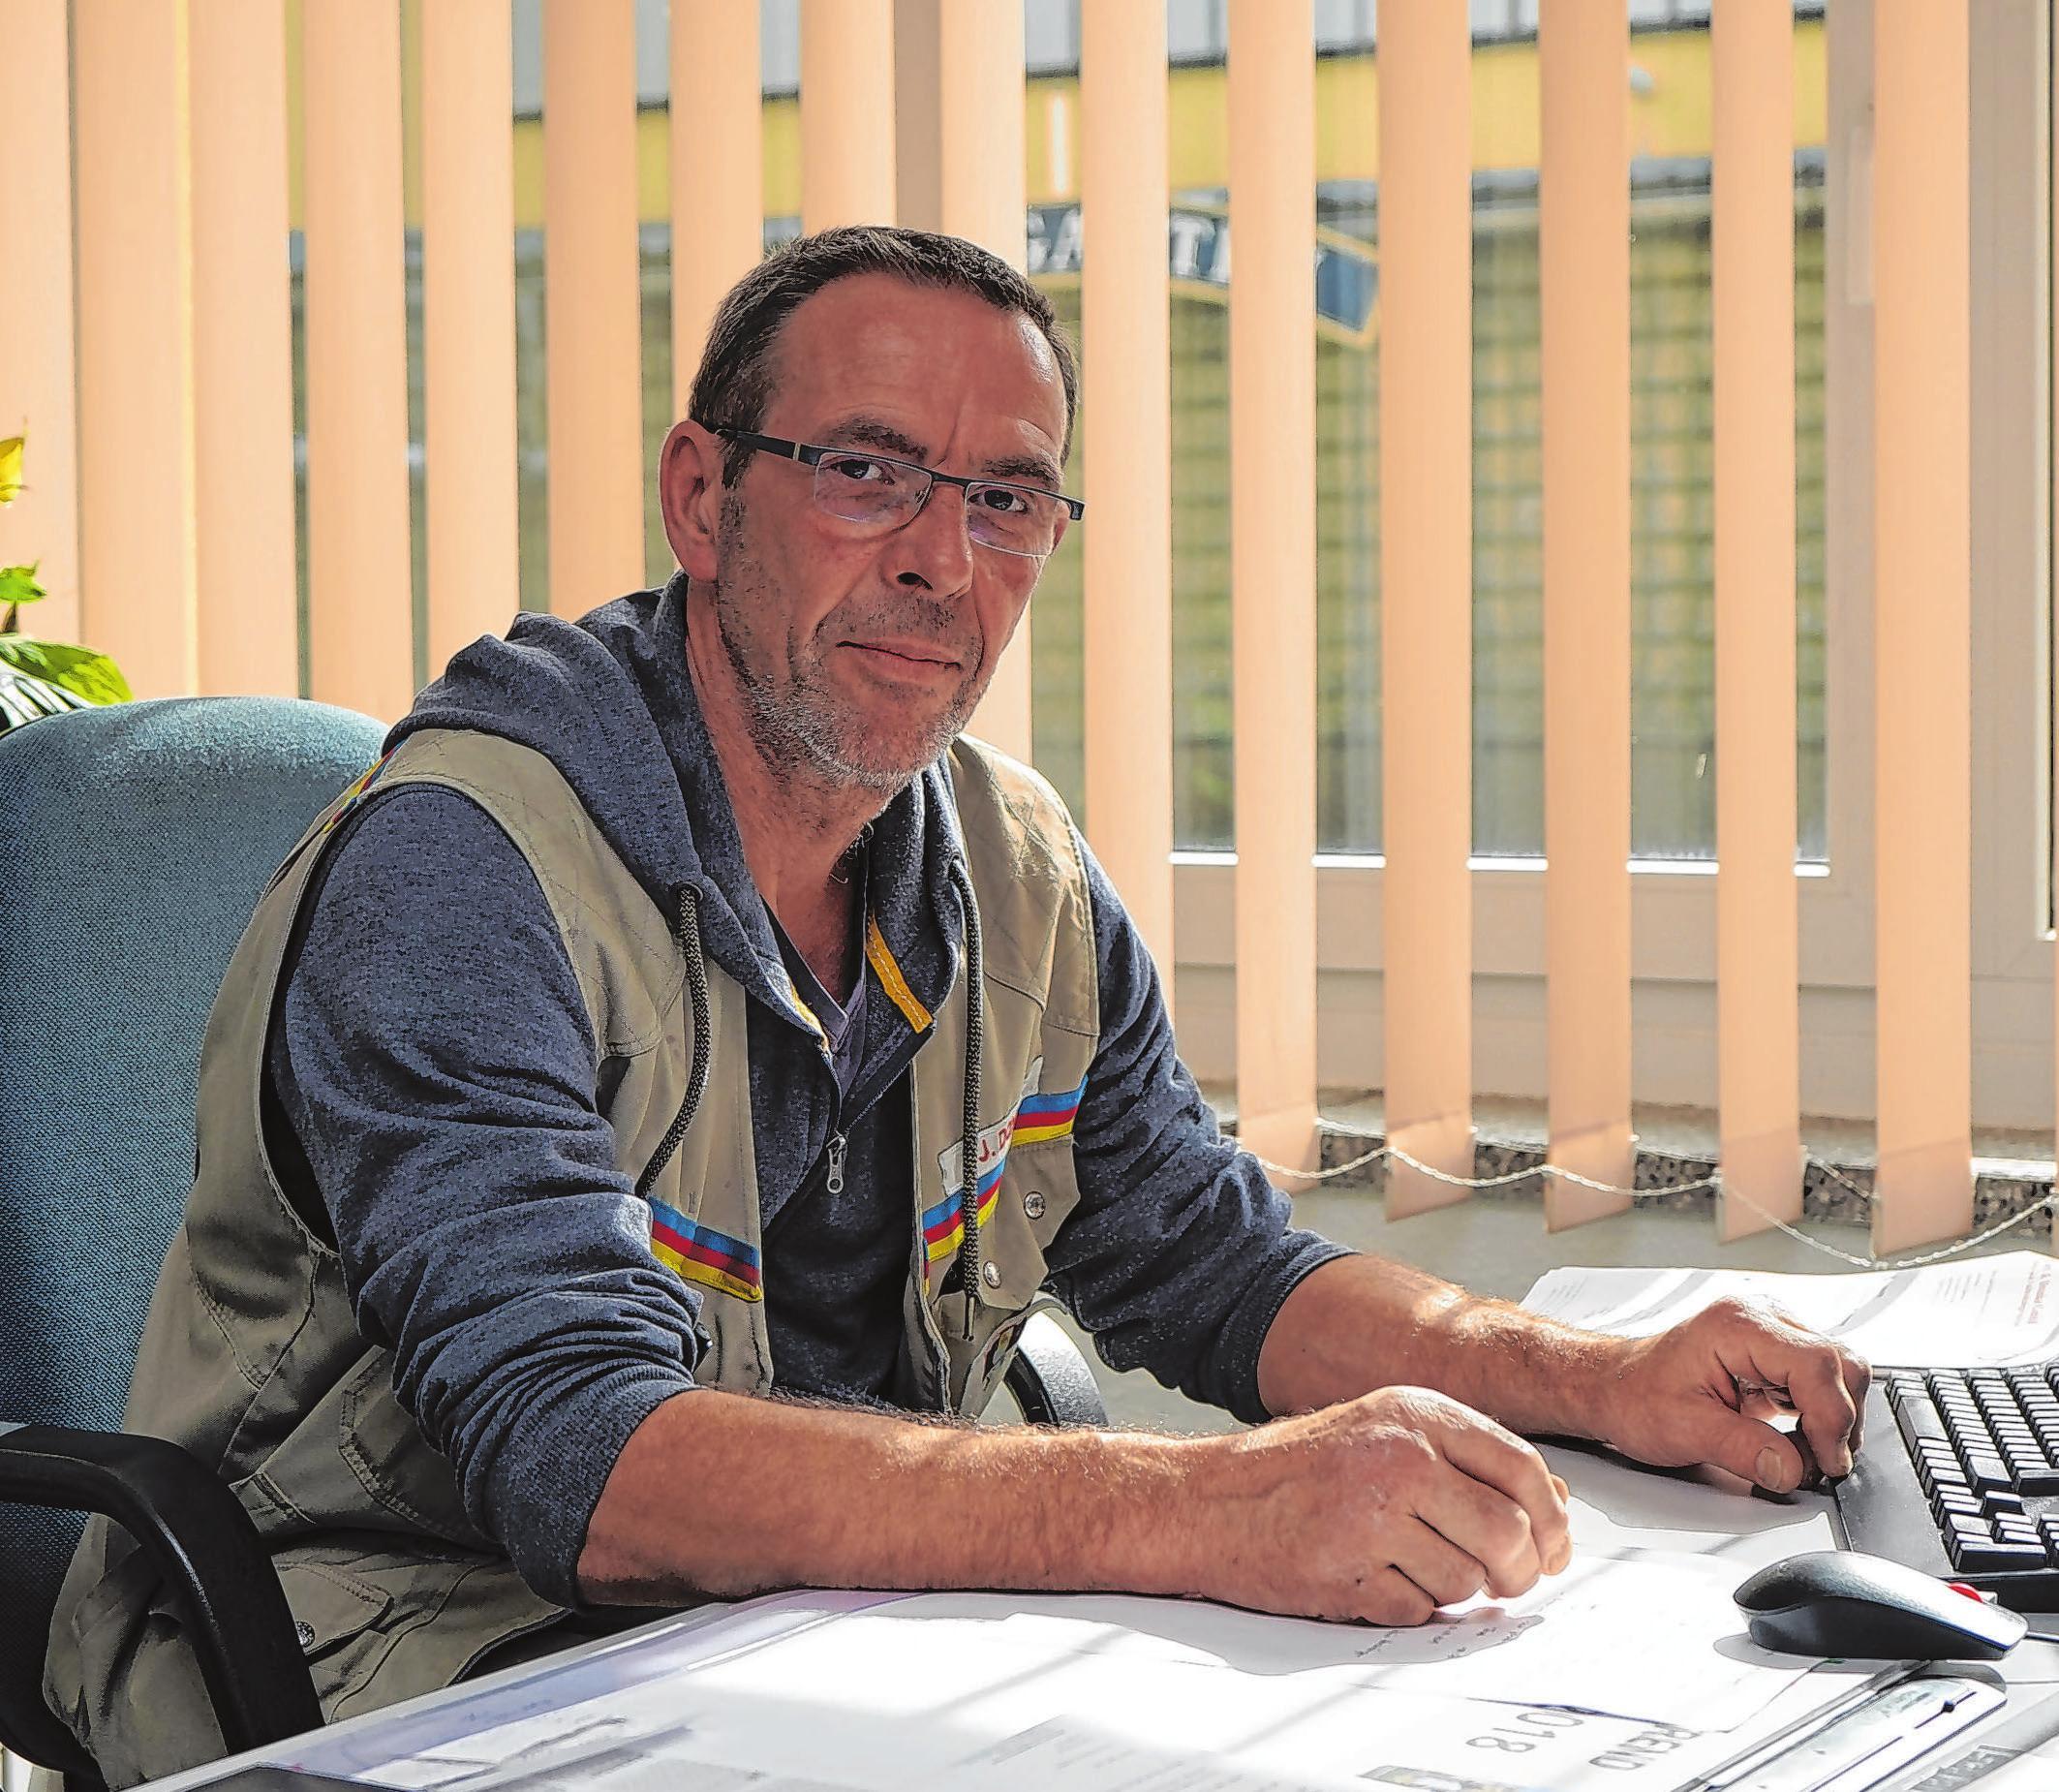 Jens Domke ist Geschäftsführer der Marx & Domke GmbH.